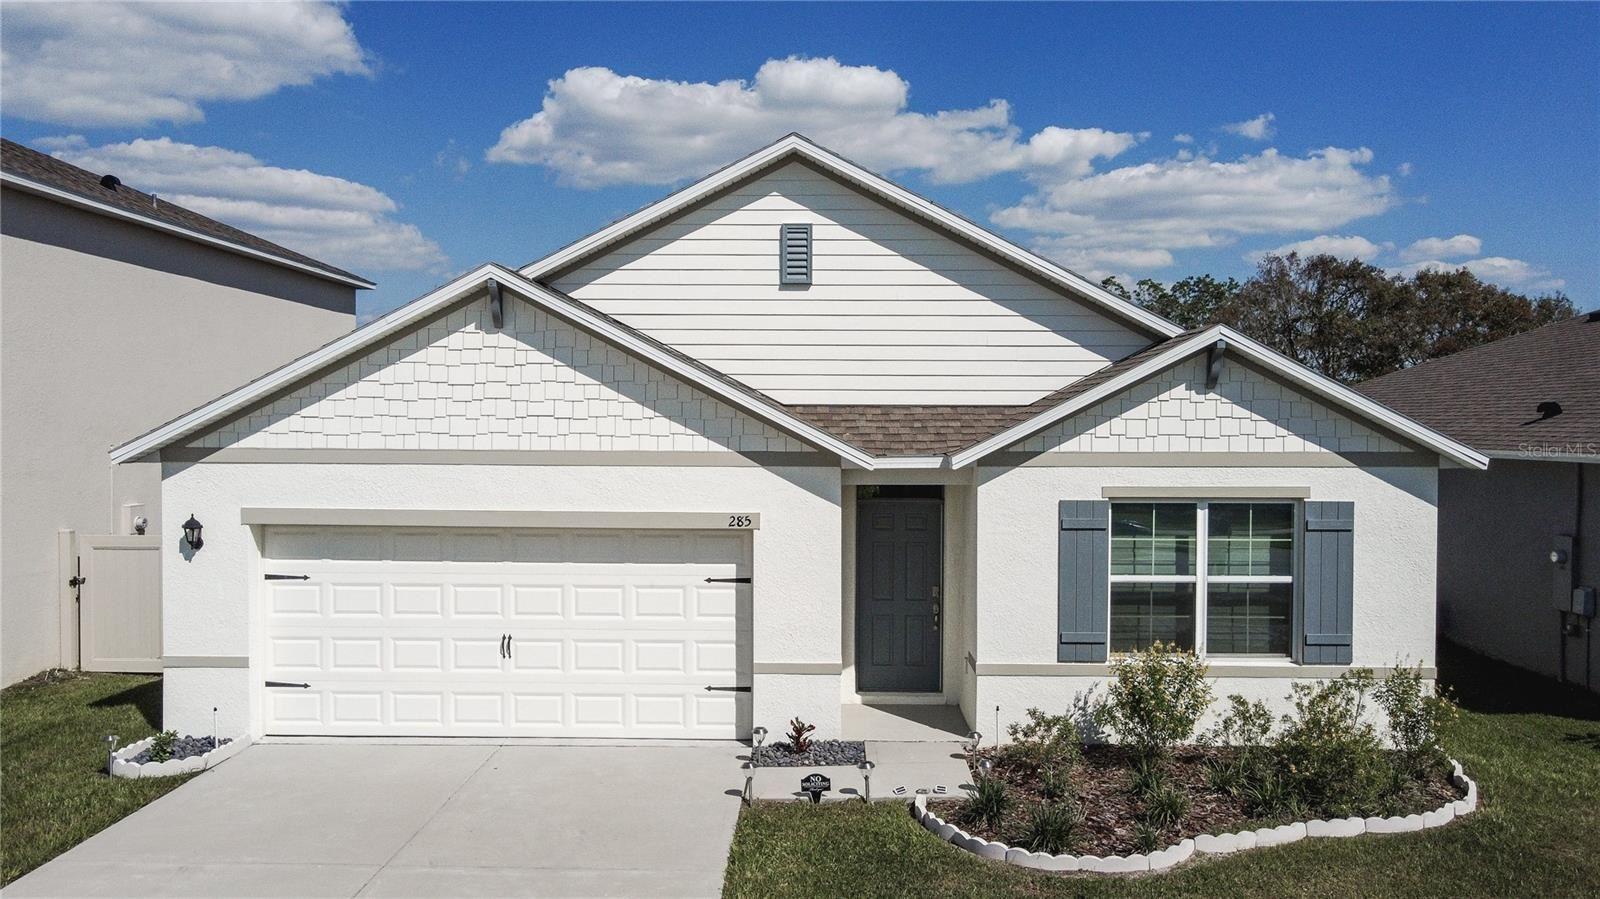 285 SUMMERSHORE DRIVE, Auburndale, FL 33823 - #: S5057808